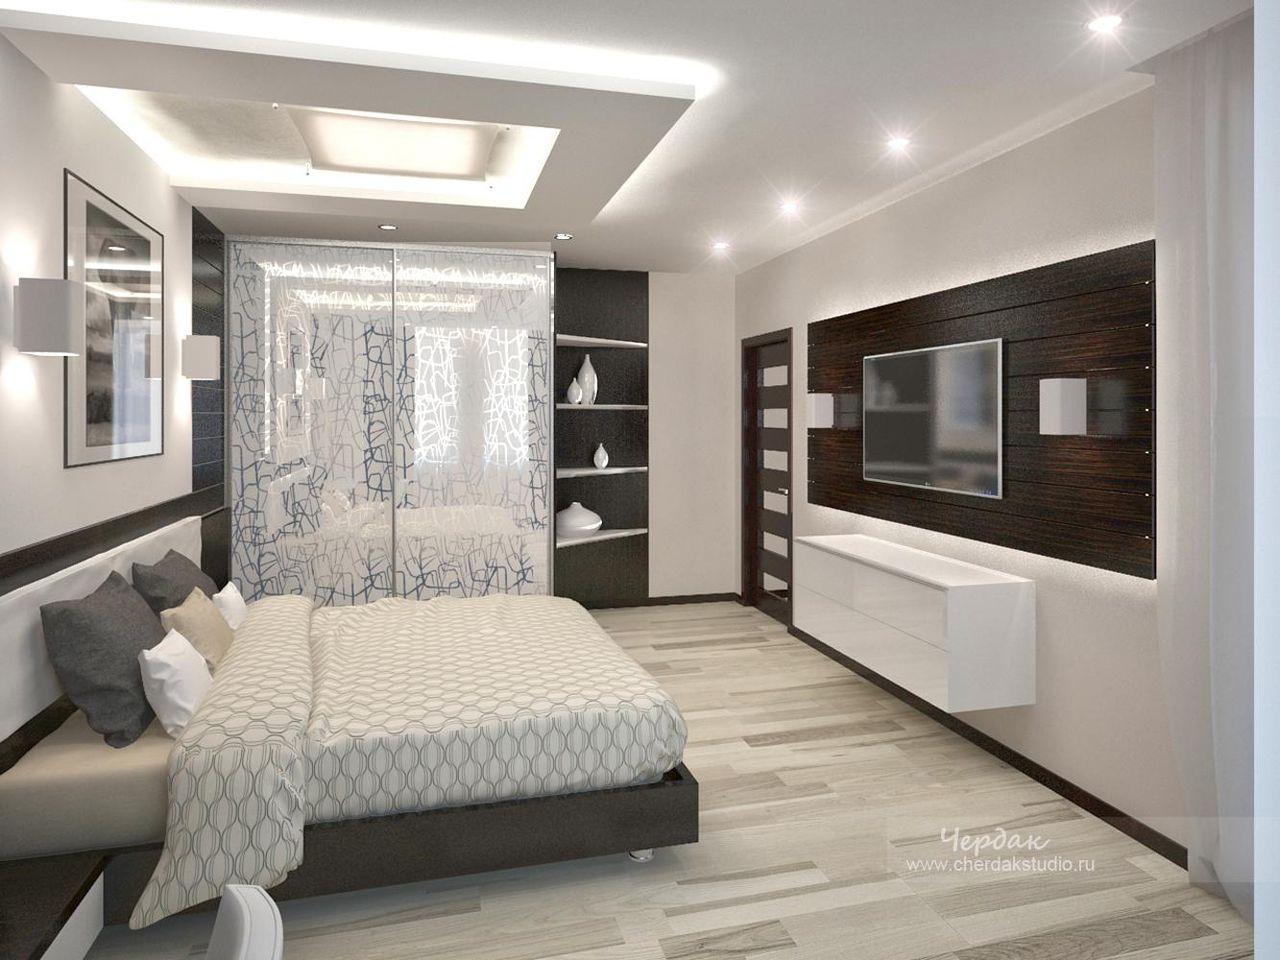 Дизайн спальни хай-тек фото